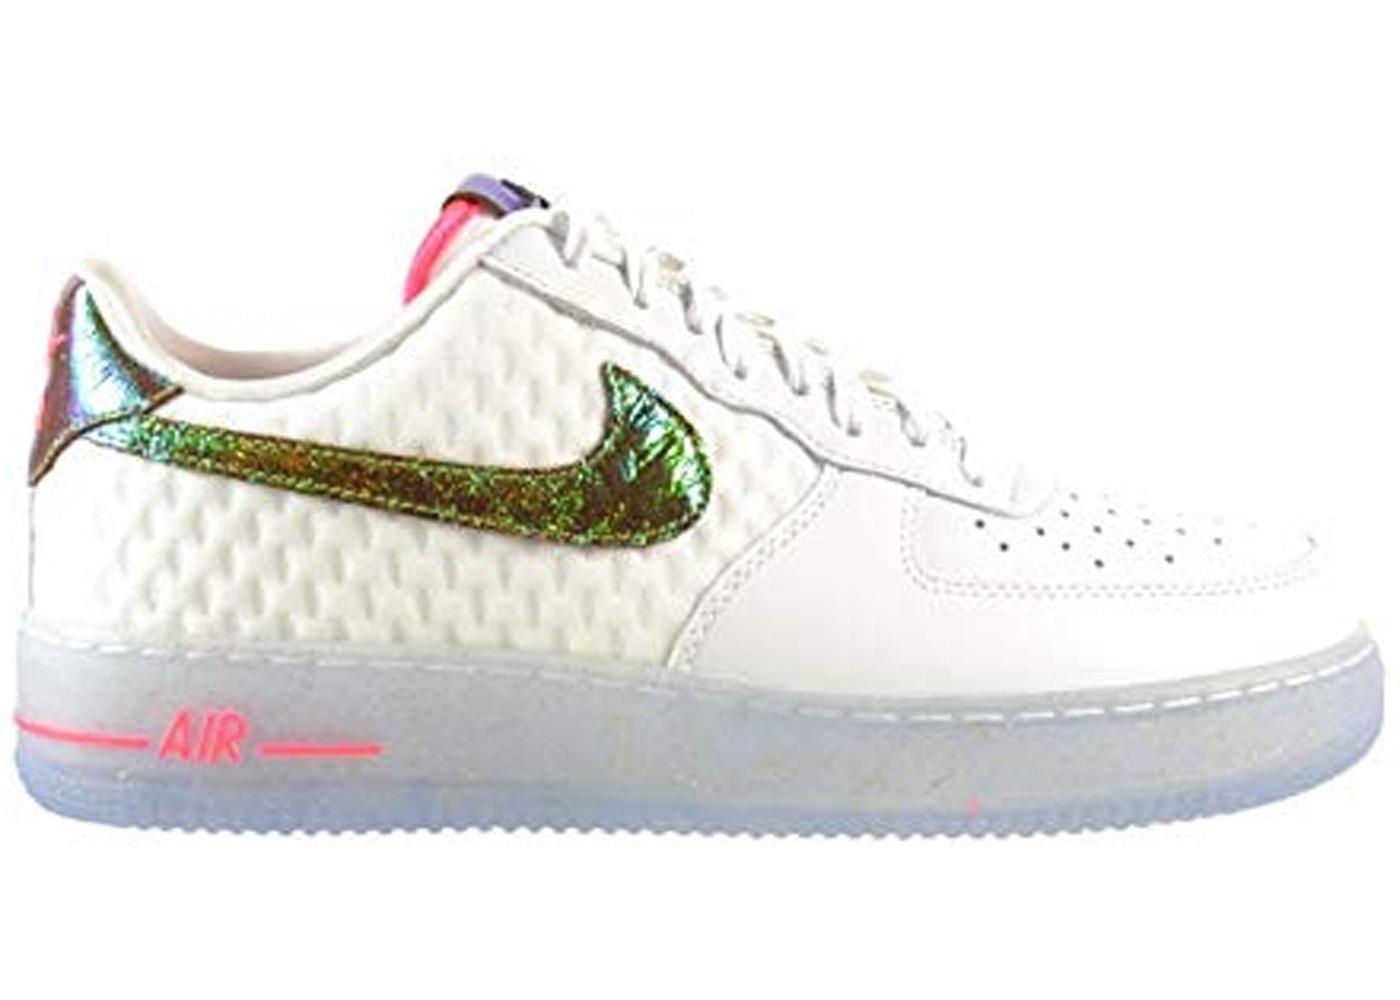 Nike Air Force 1 Low CMFT Premium QS 573974 100